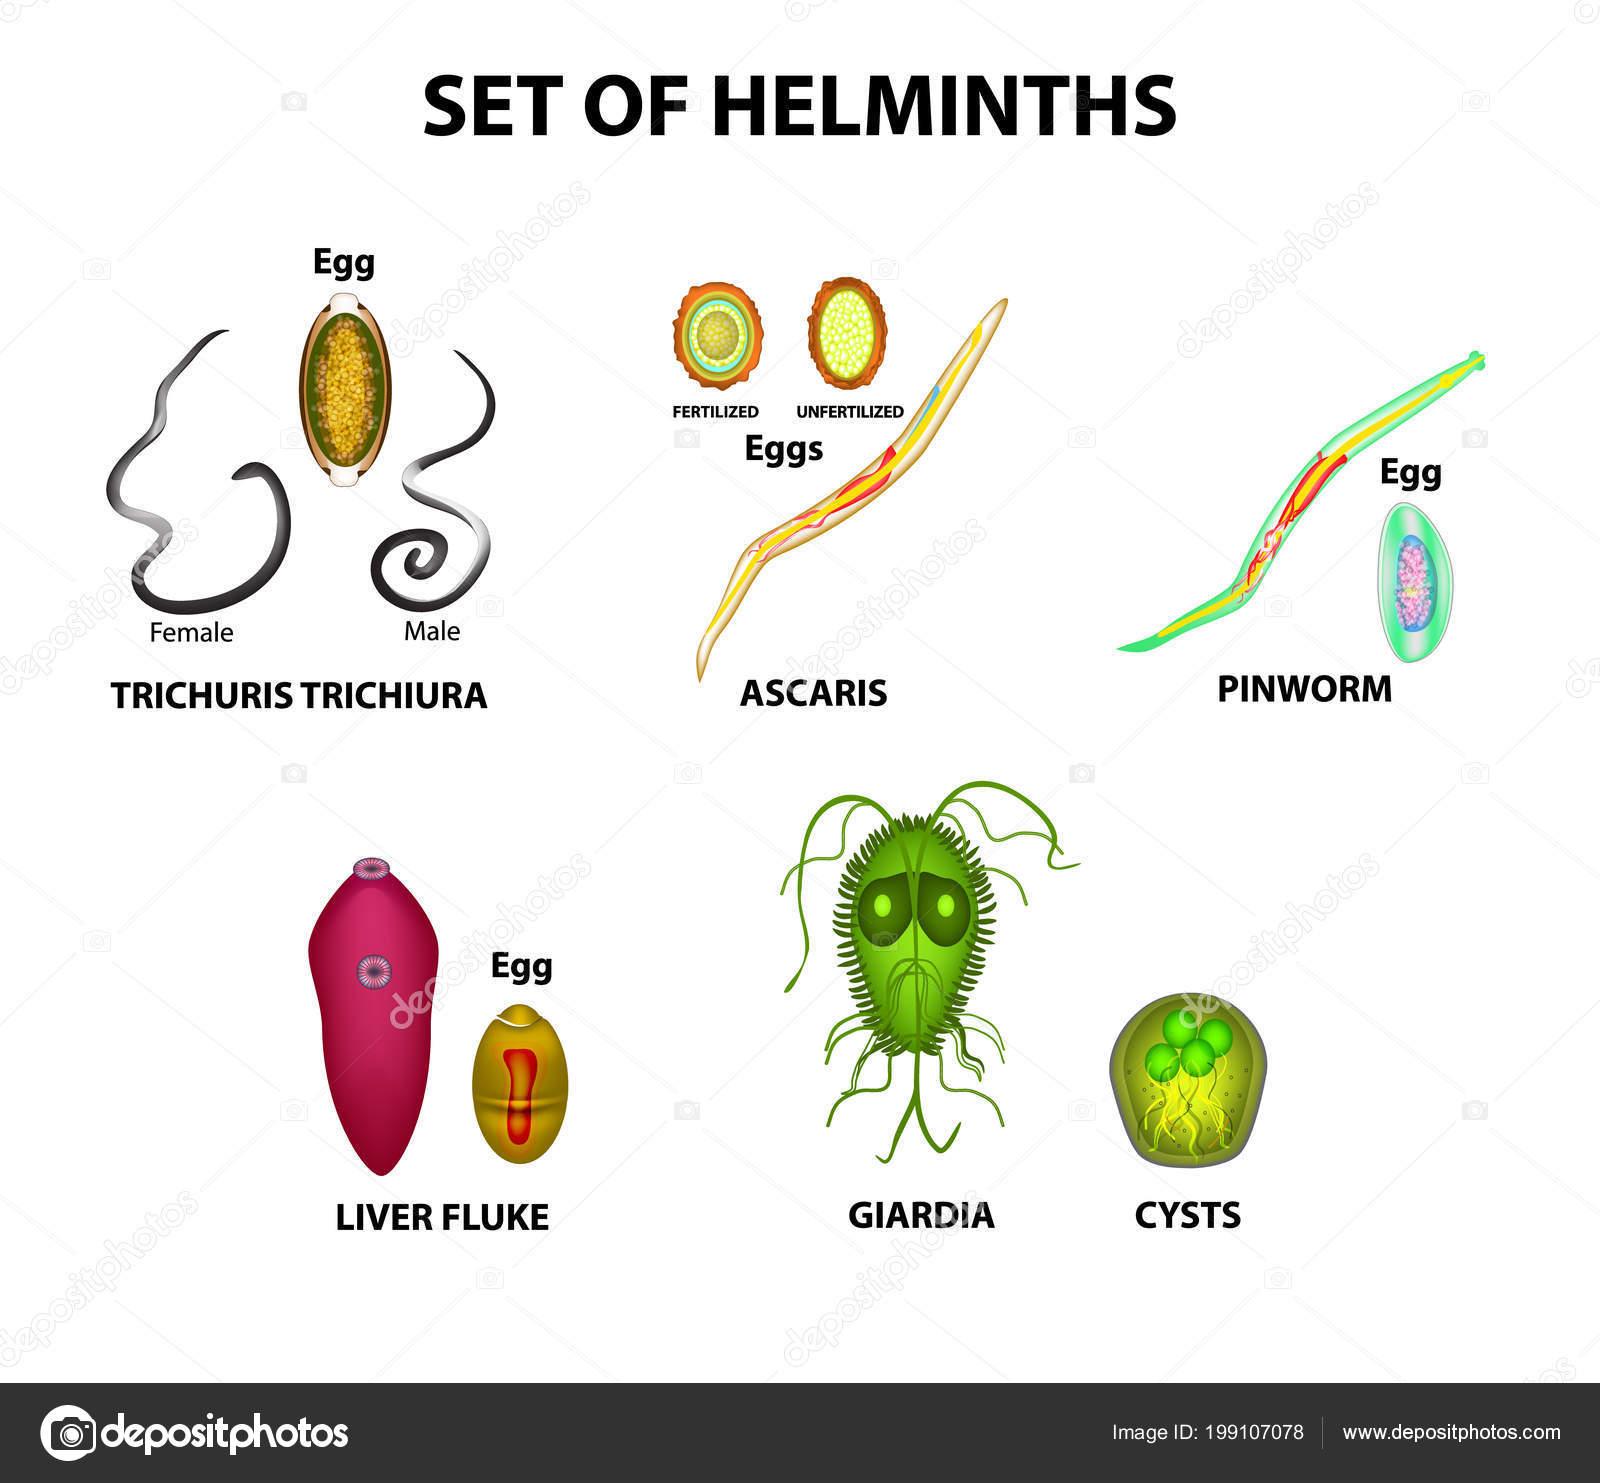 széles spektrumú antihelmintikus gyógyszer férgekkel való fertőzés kezelése emberben